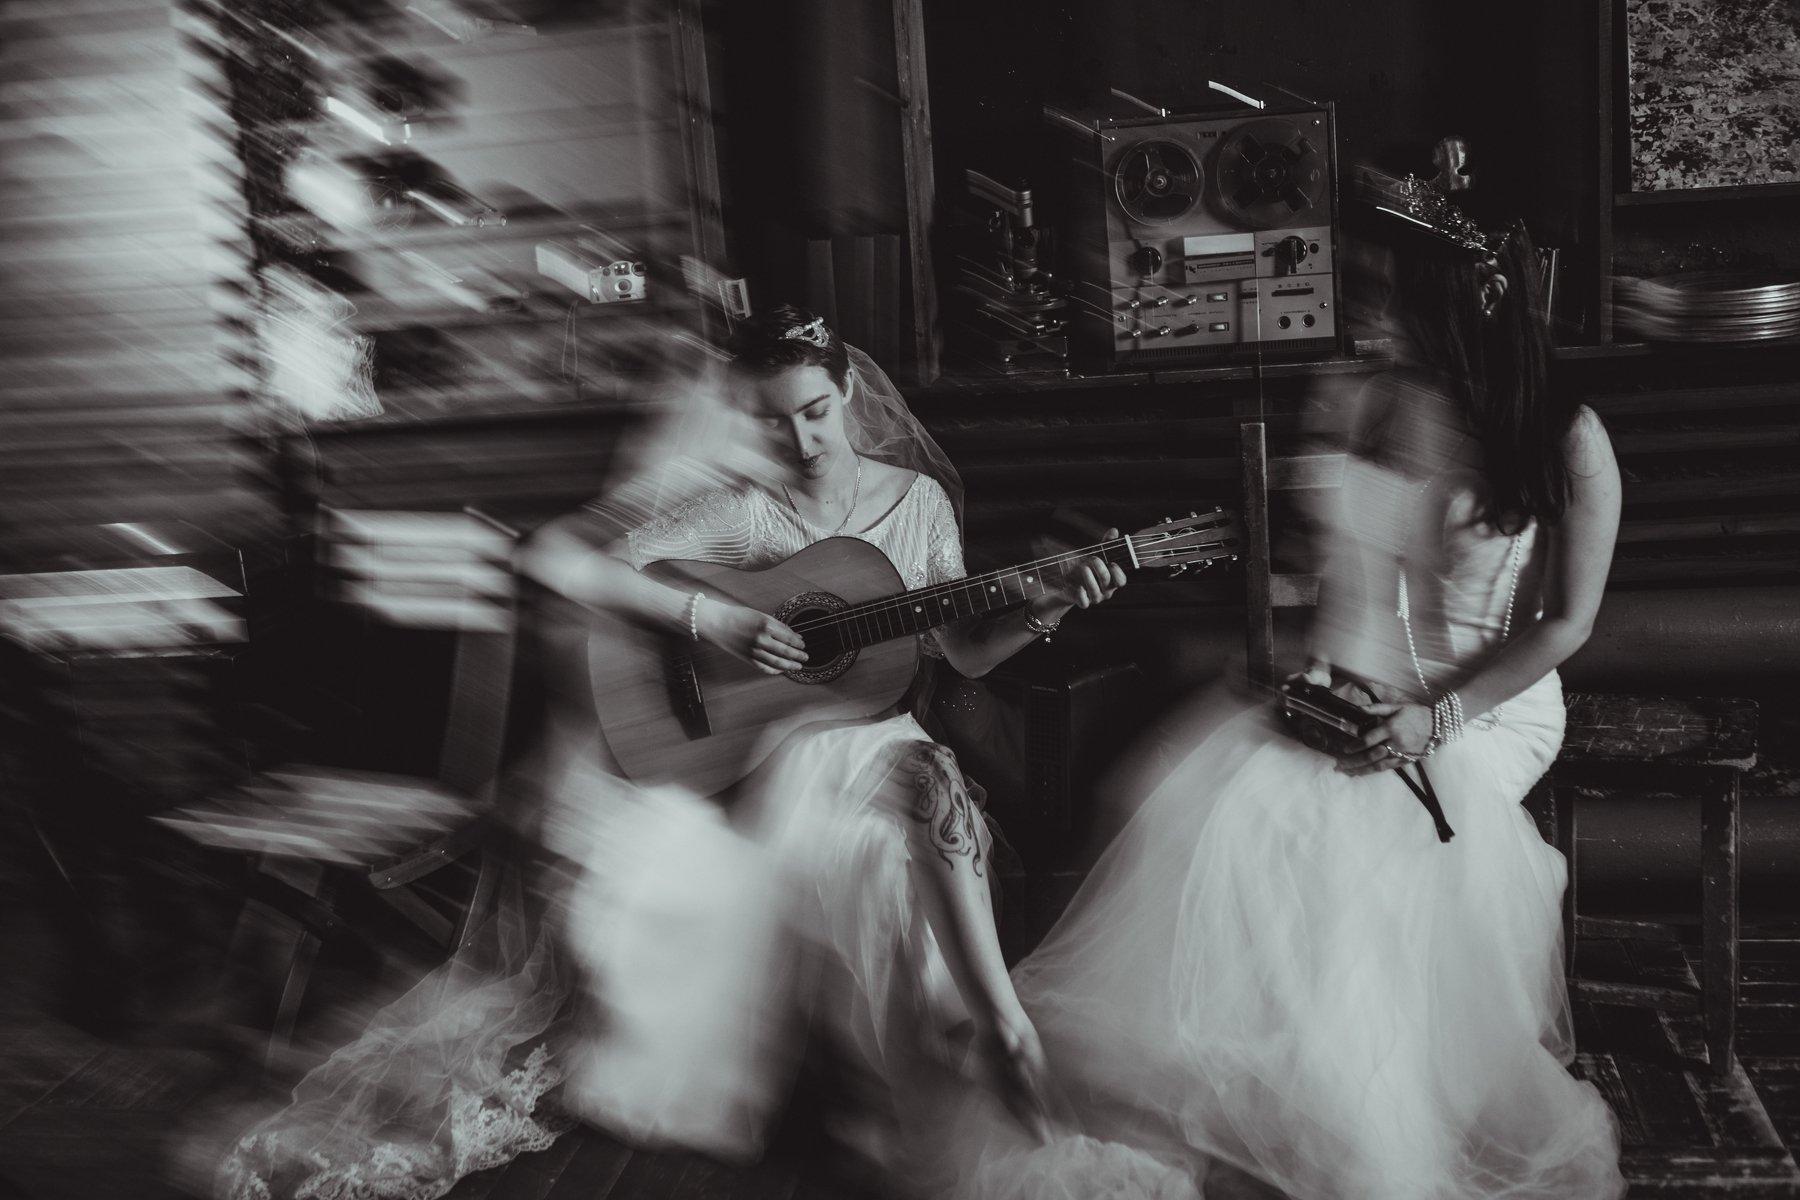 монохром, черно-белое фото, портрет, женский портрет, студия, свадебное фото, невесты, Белова Анна